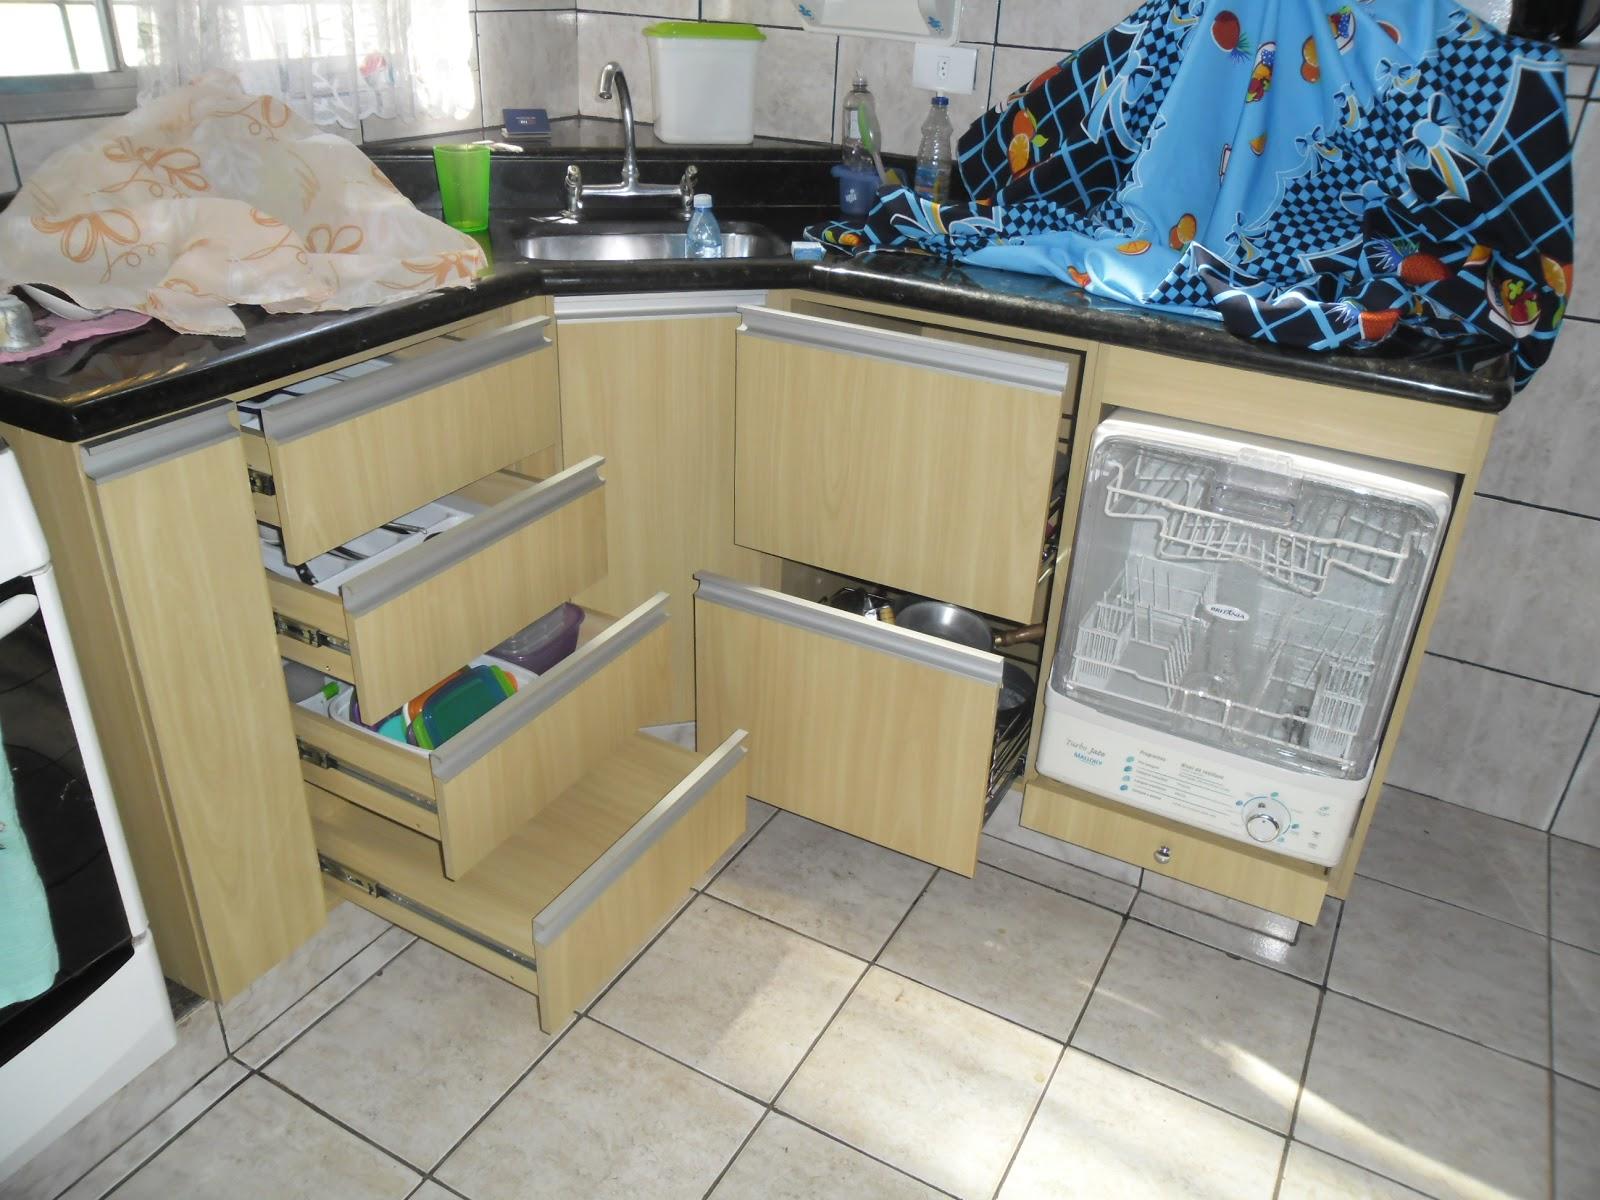 Marcenaria Caseira: Cozinha Planejada Francisco & Marlene #326E99 1600 1200